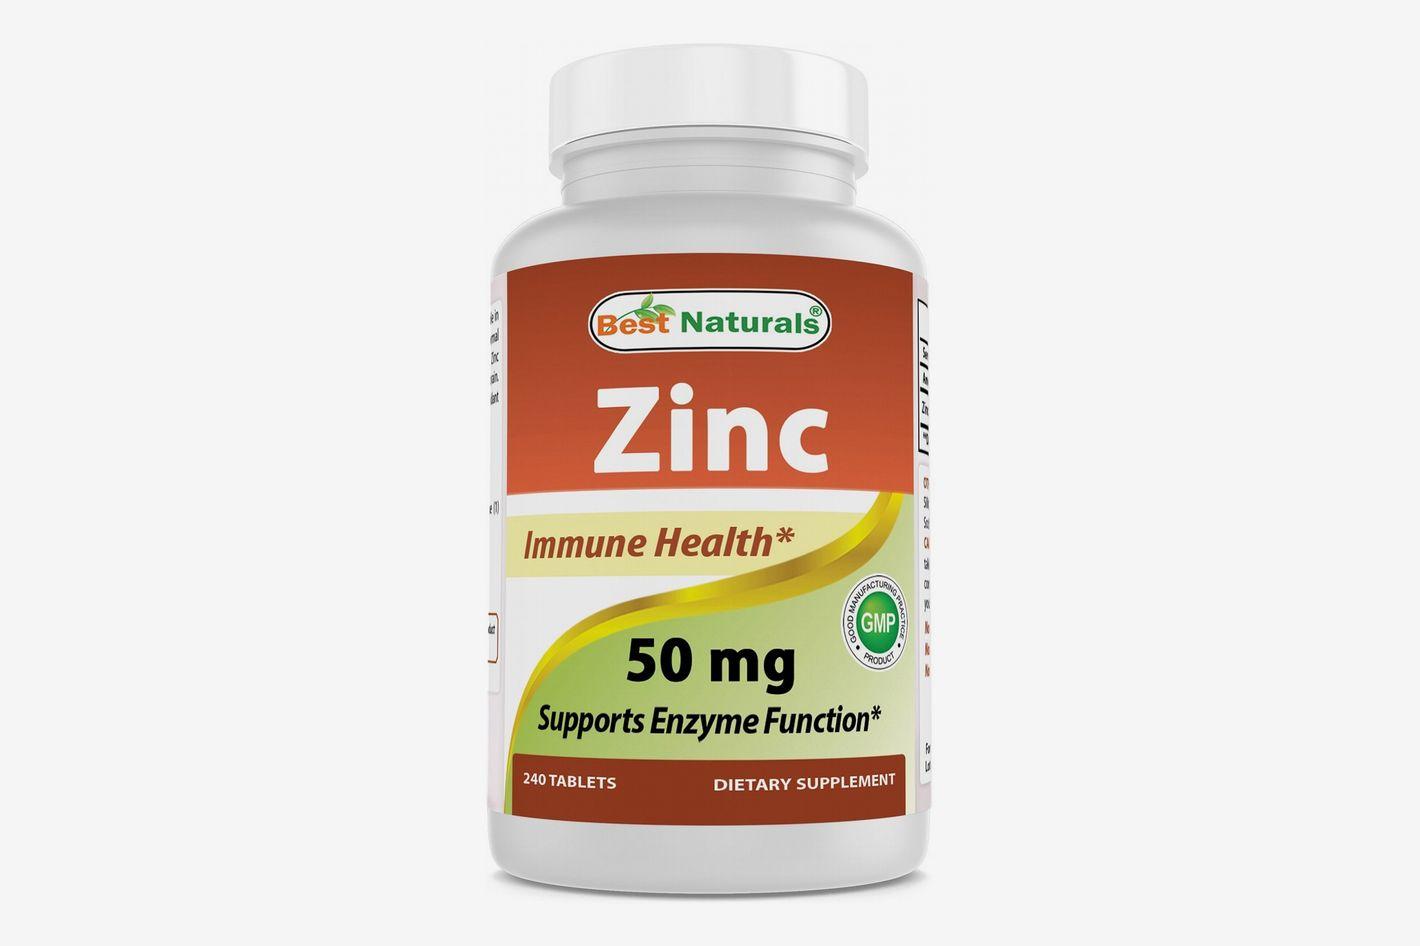 Best Naturals Zinc 240 Tablets